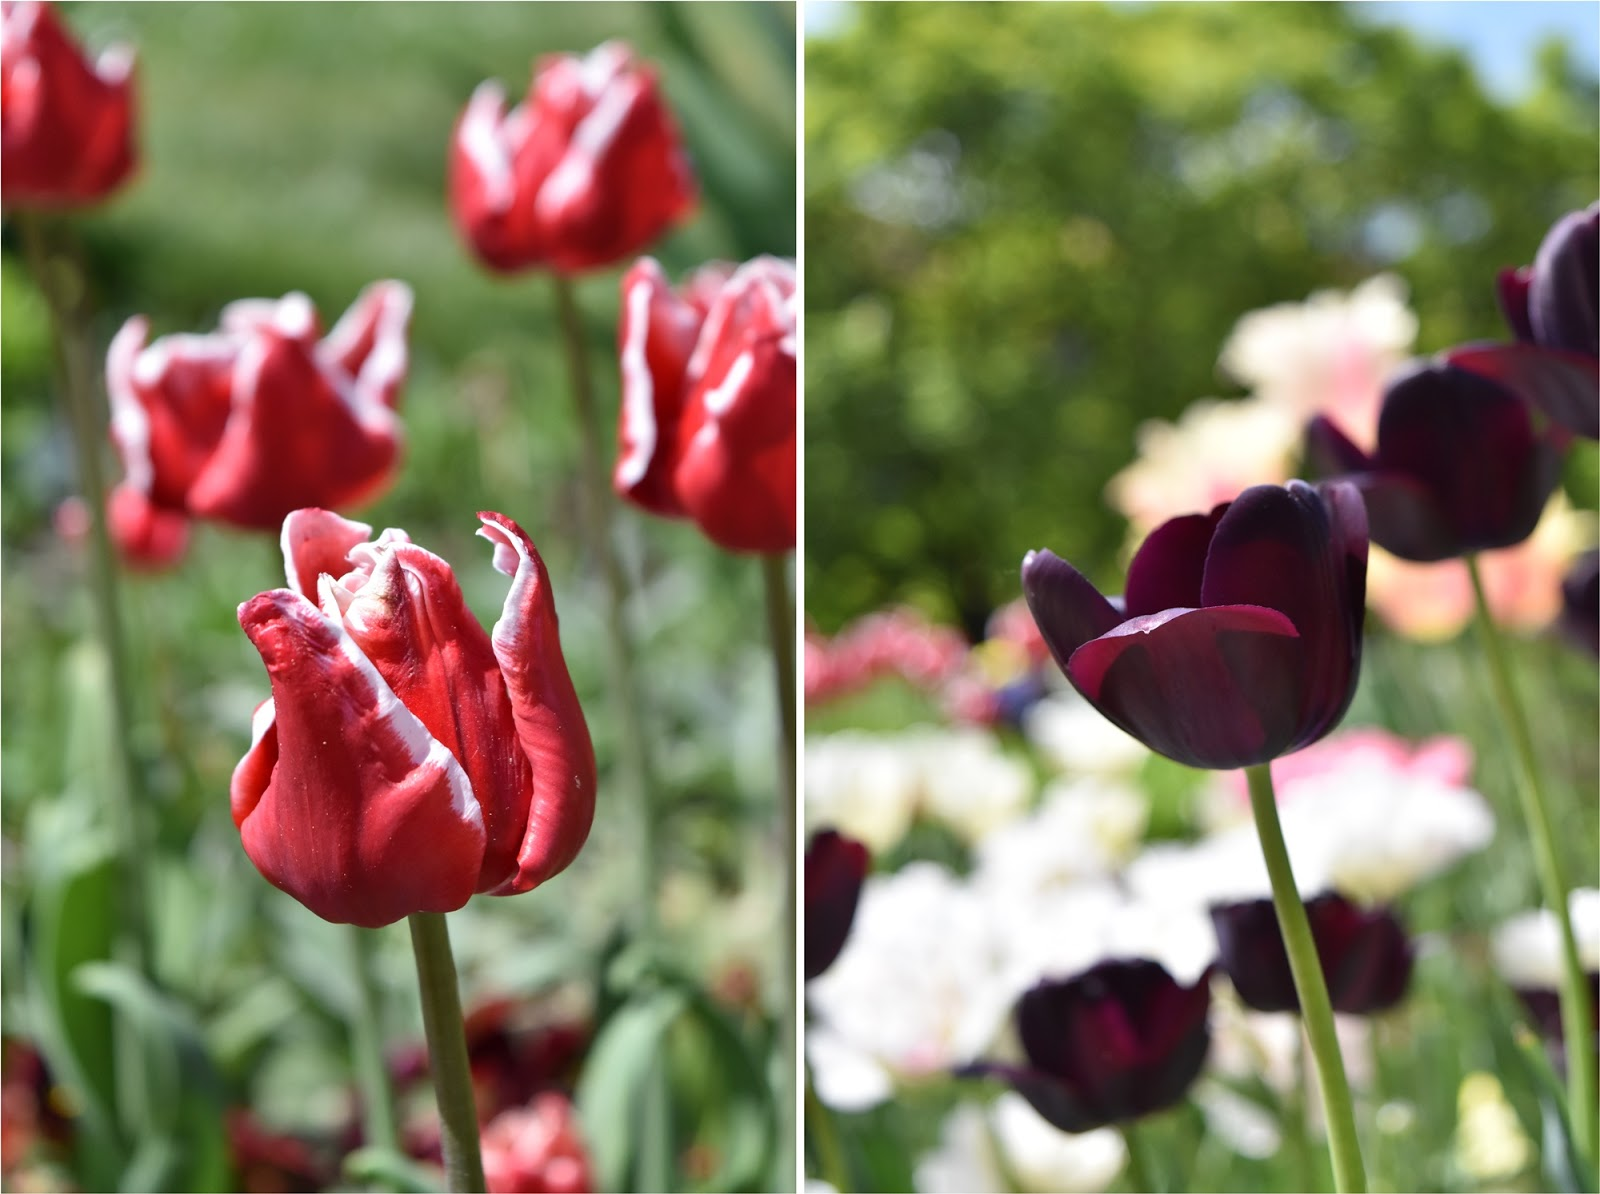 Kraków, Wawel, kwiaty na Wawelu, tulipany, Kraków w jeden dzień